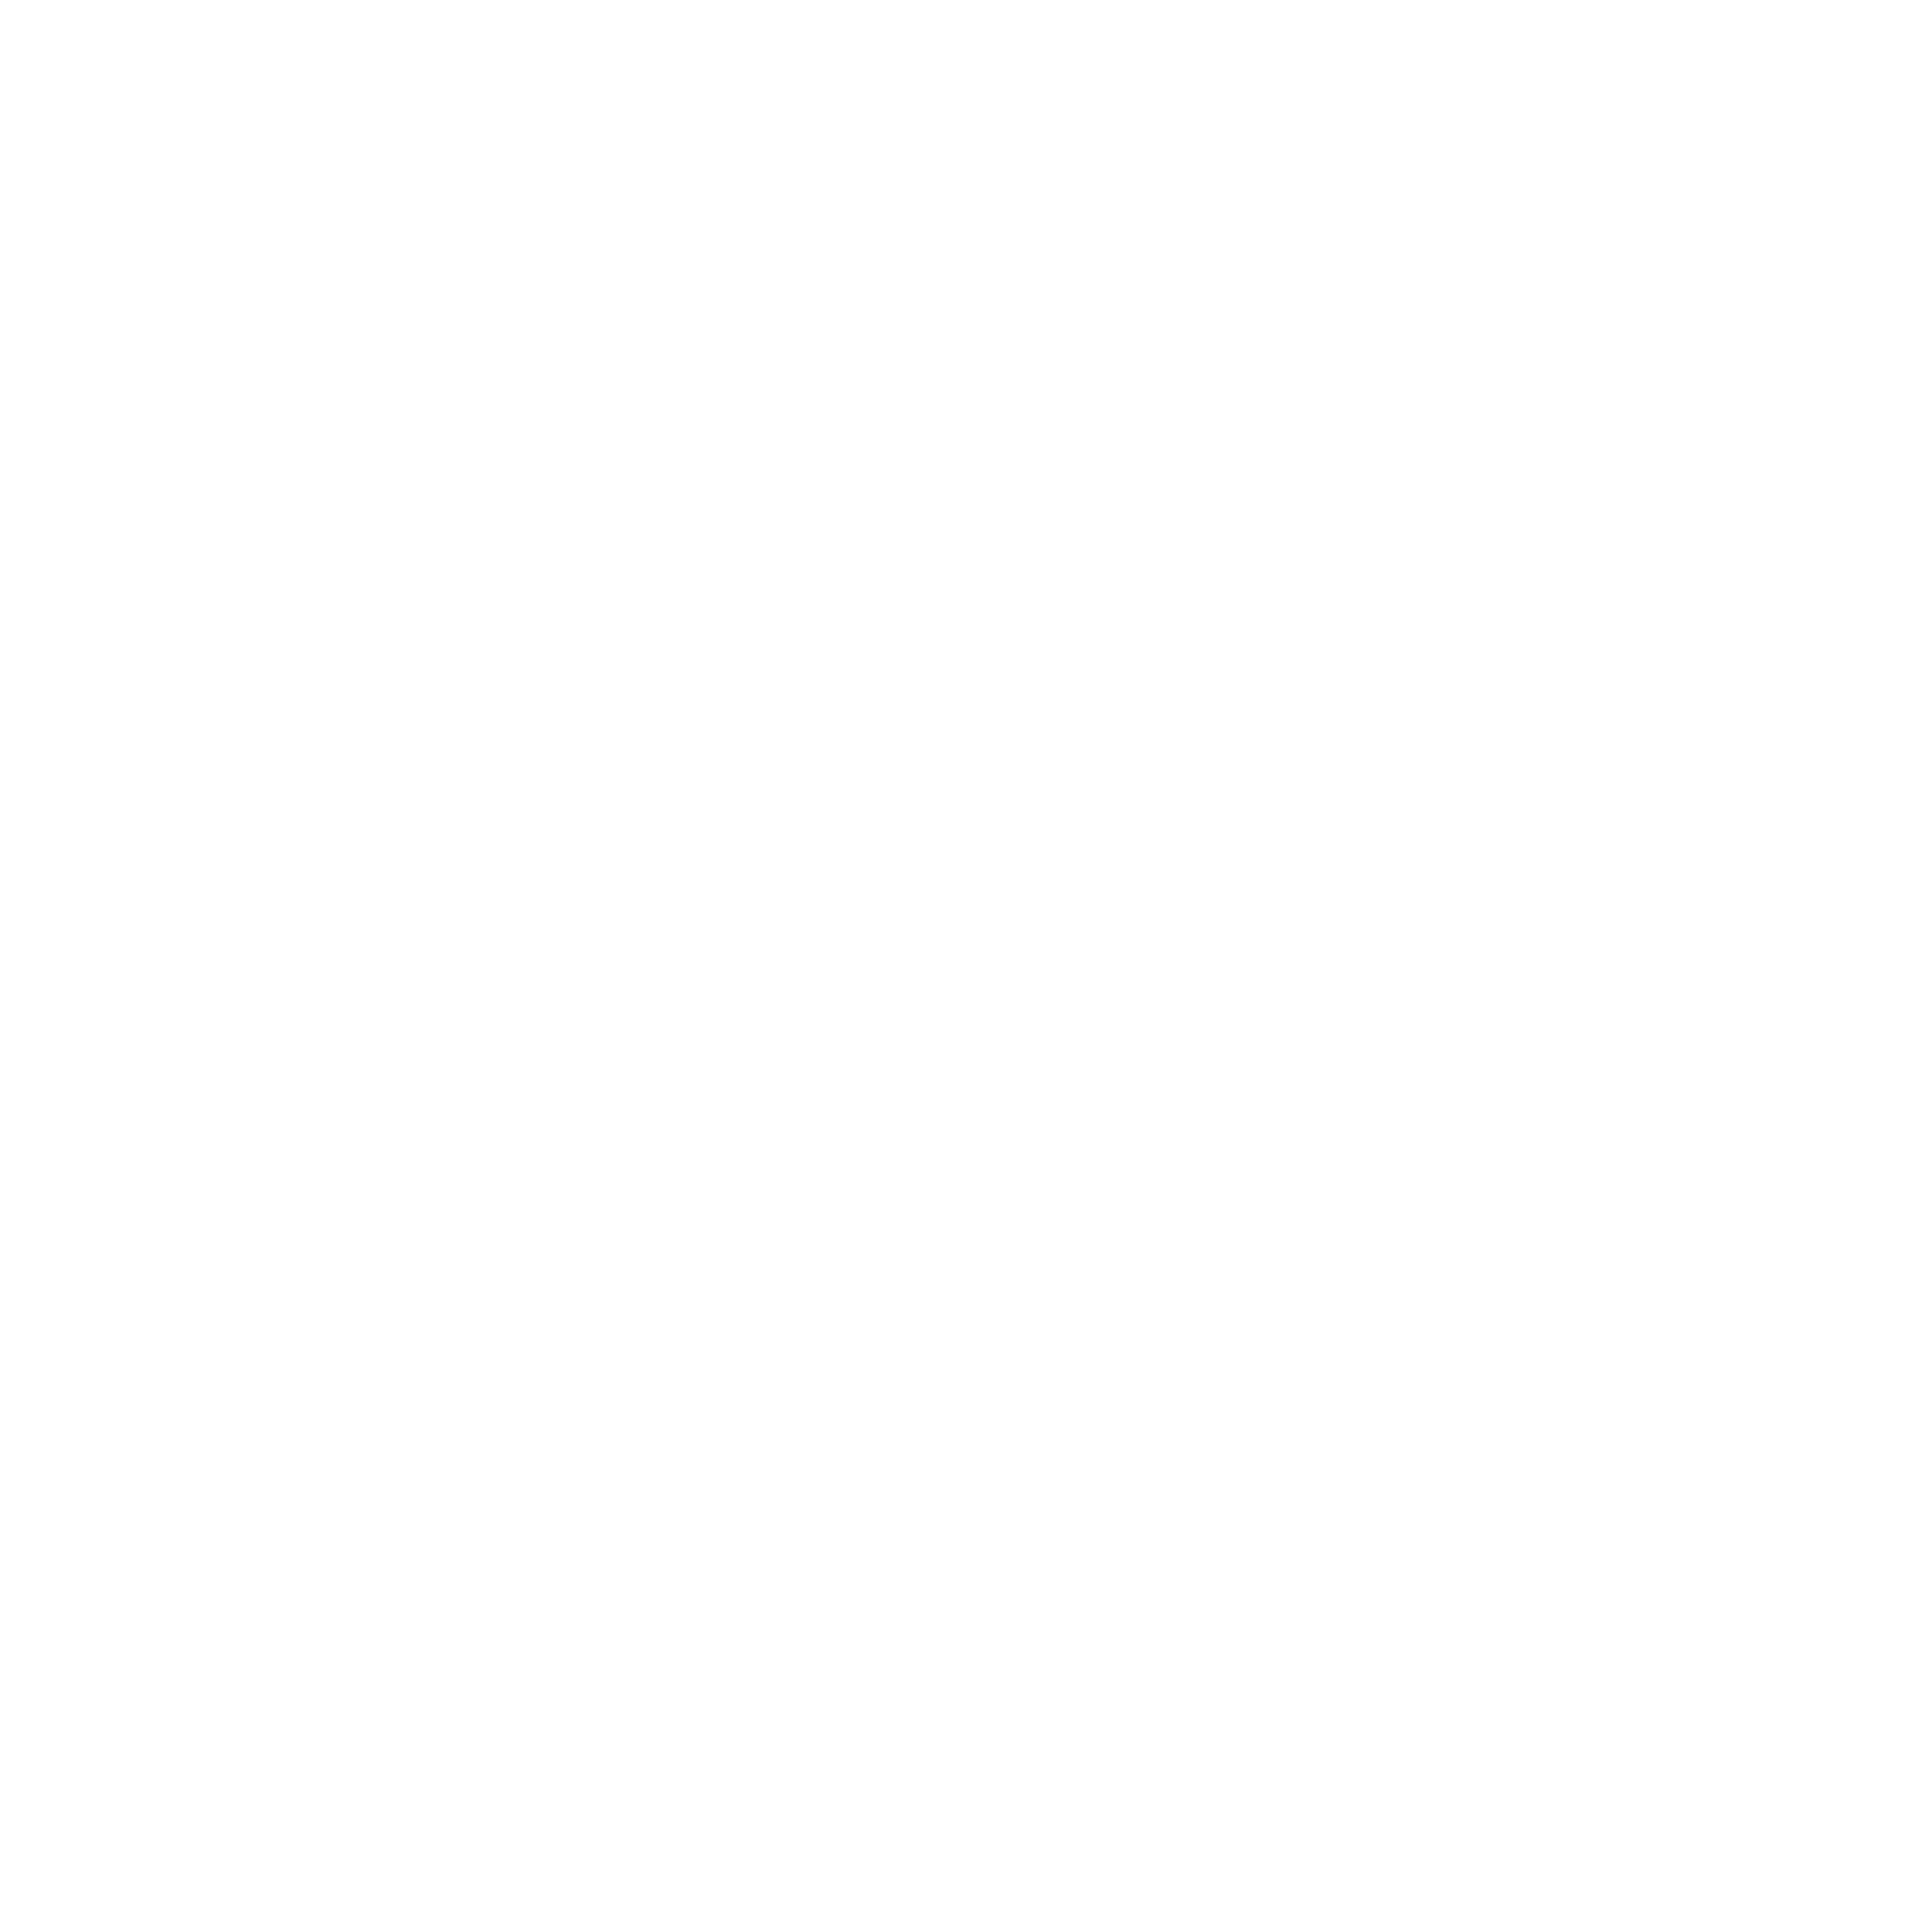 Linear Logos v2 TRANS5